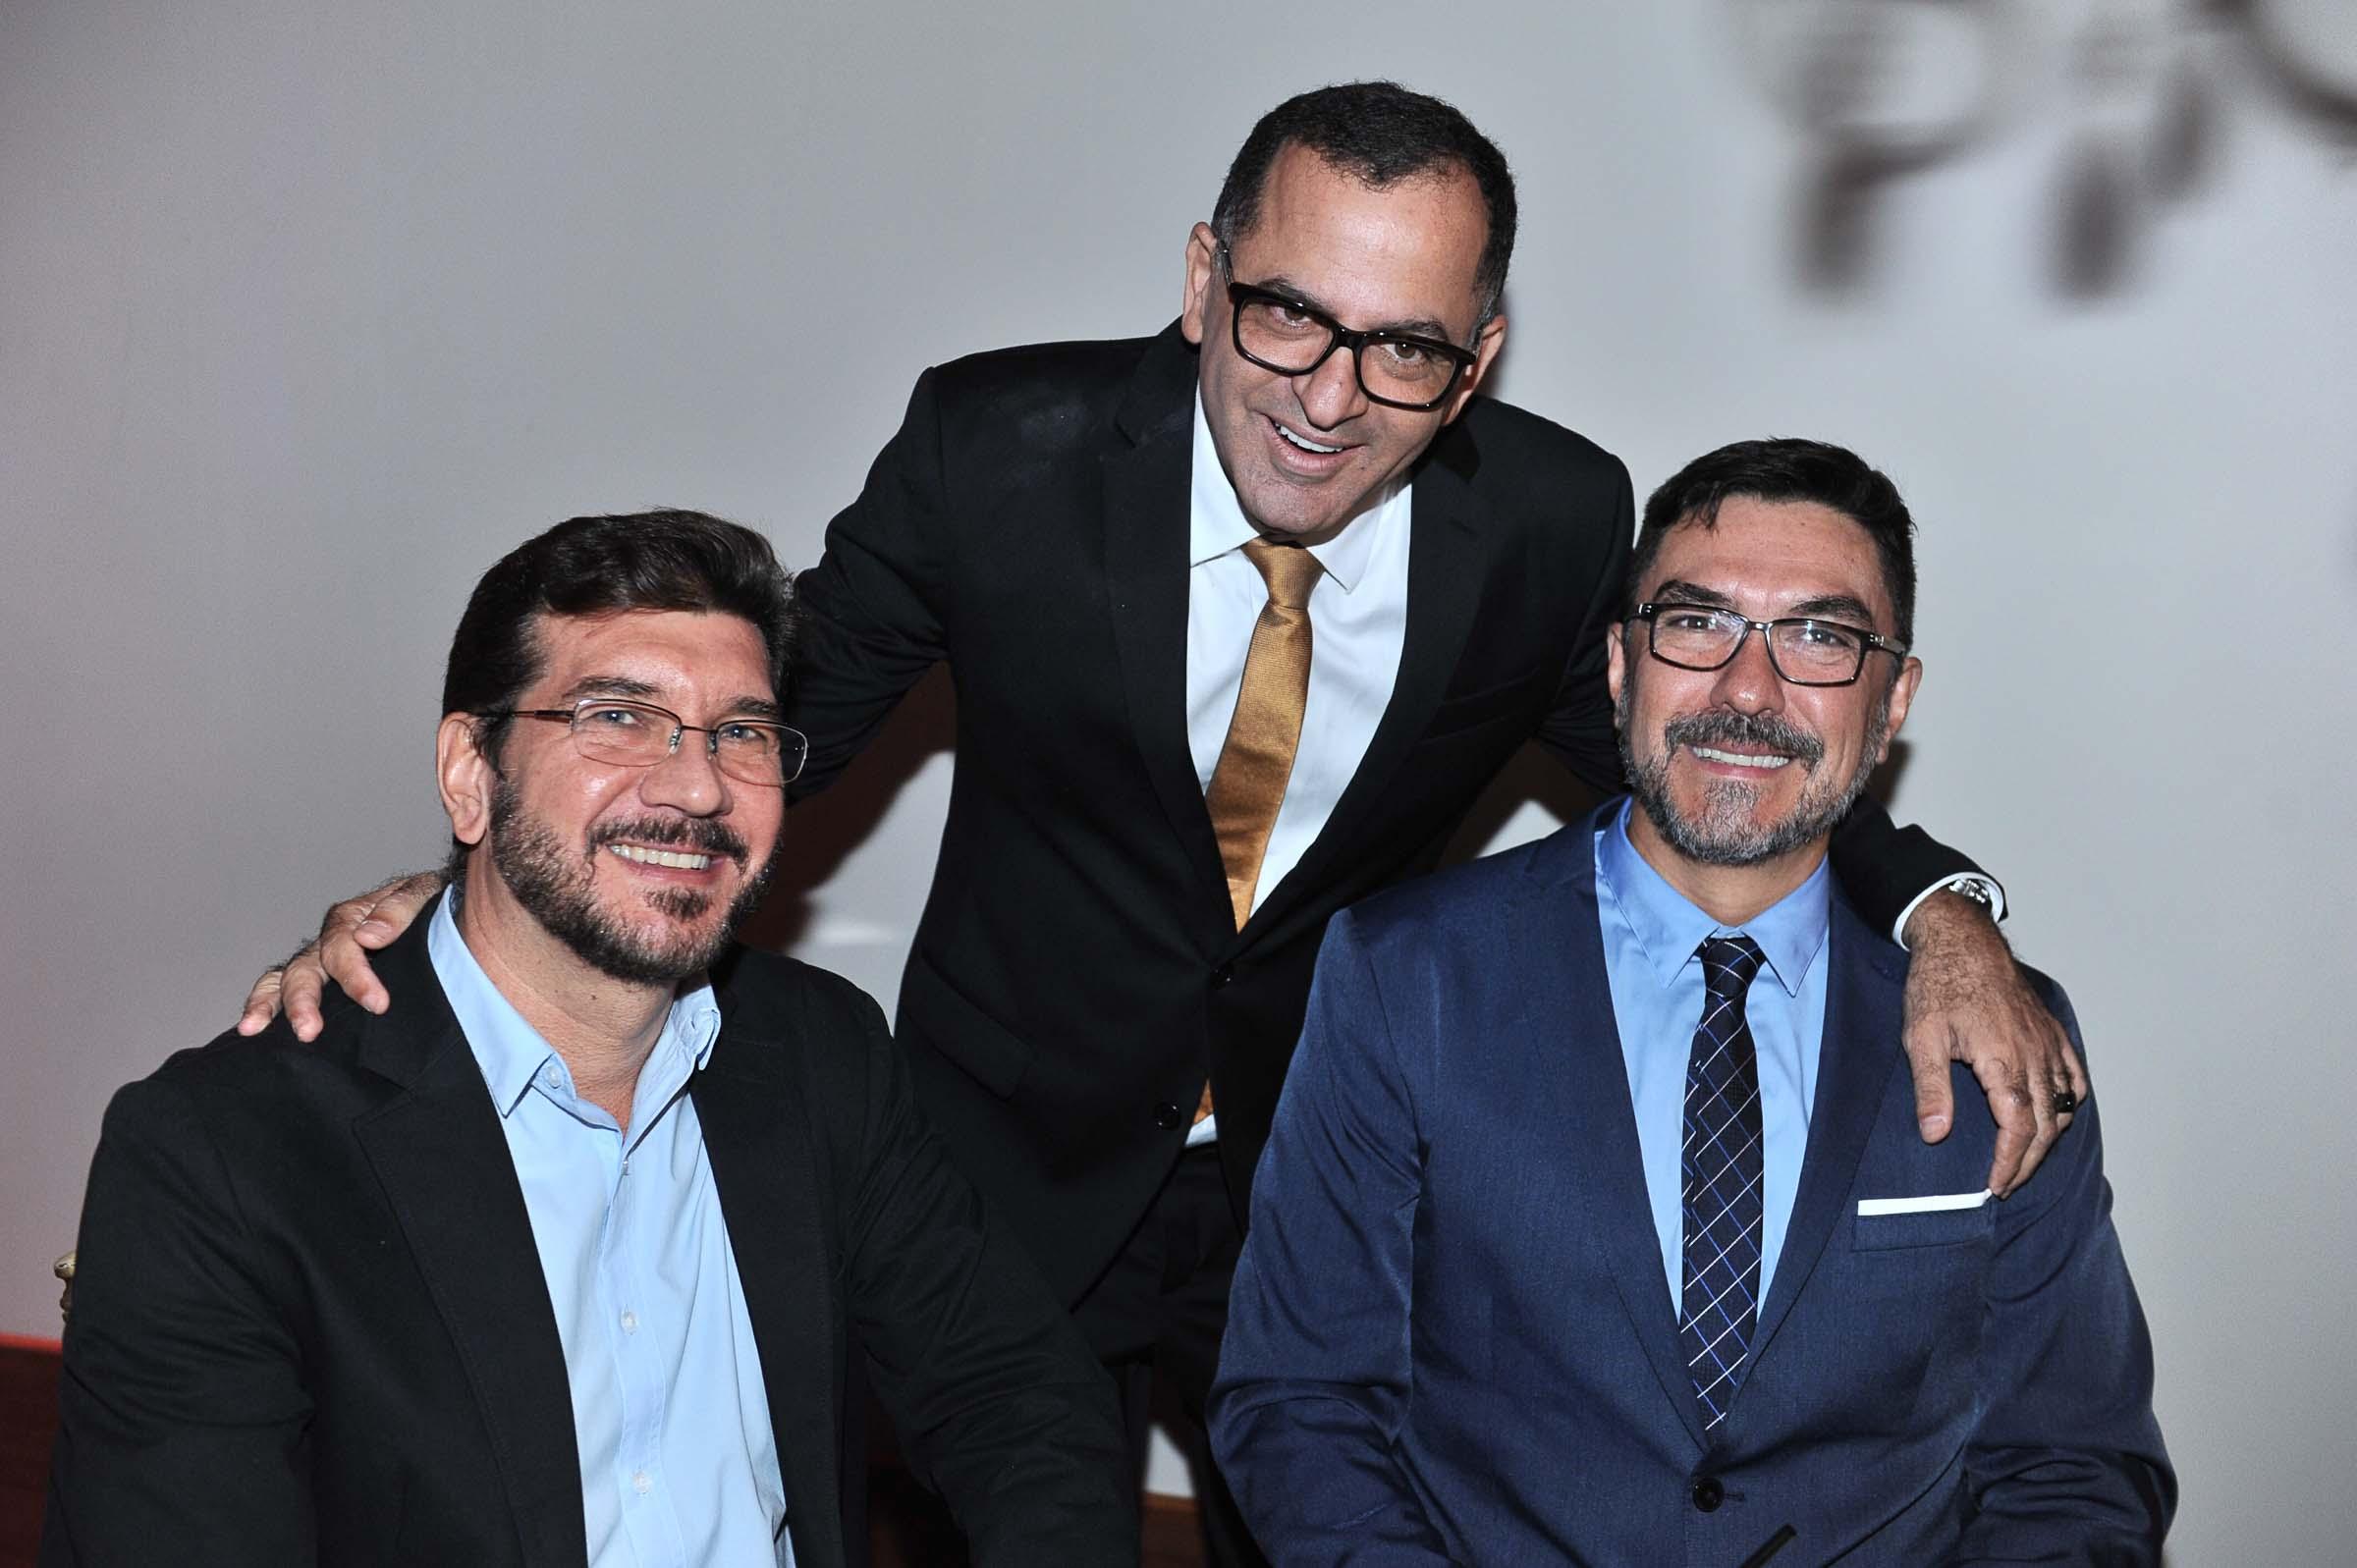 O deputado estadual, Pedro Kemp, Jefferson e Adriano Oliveira